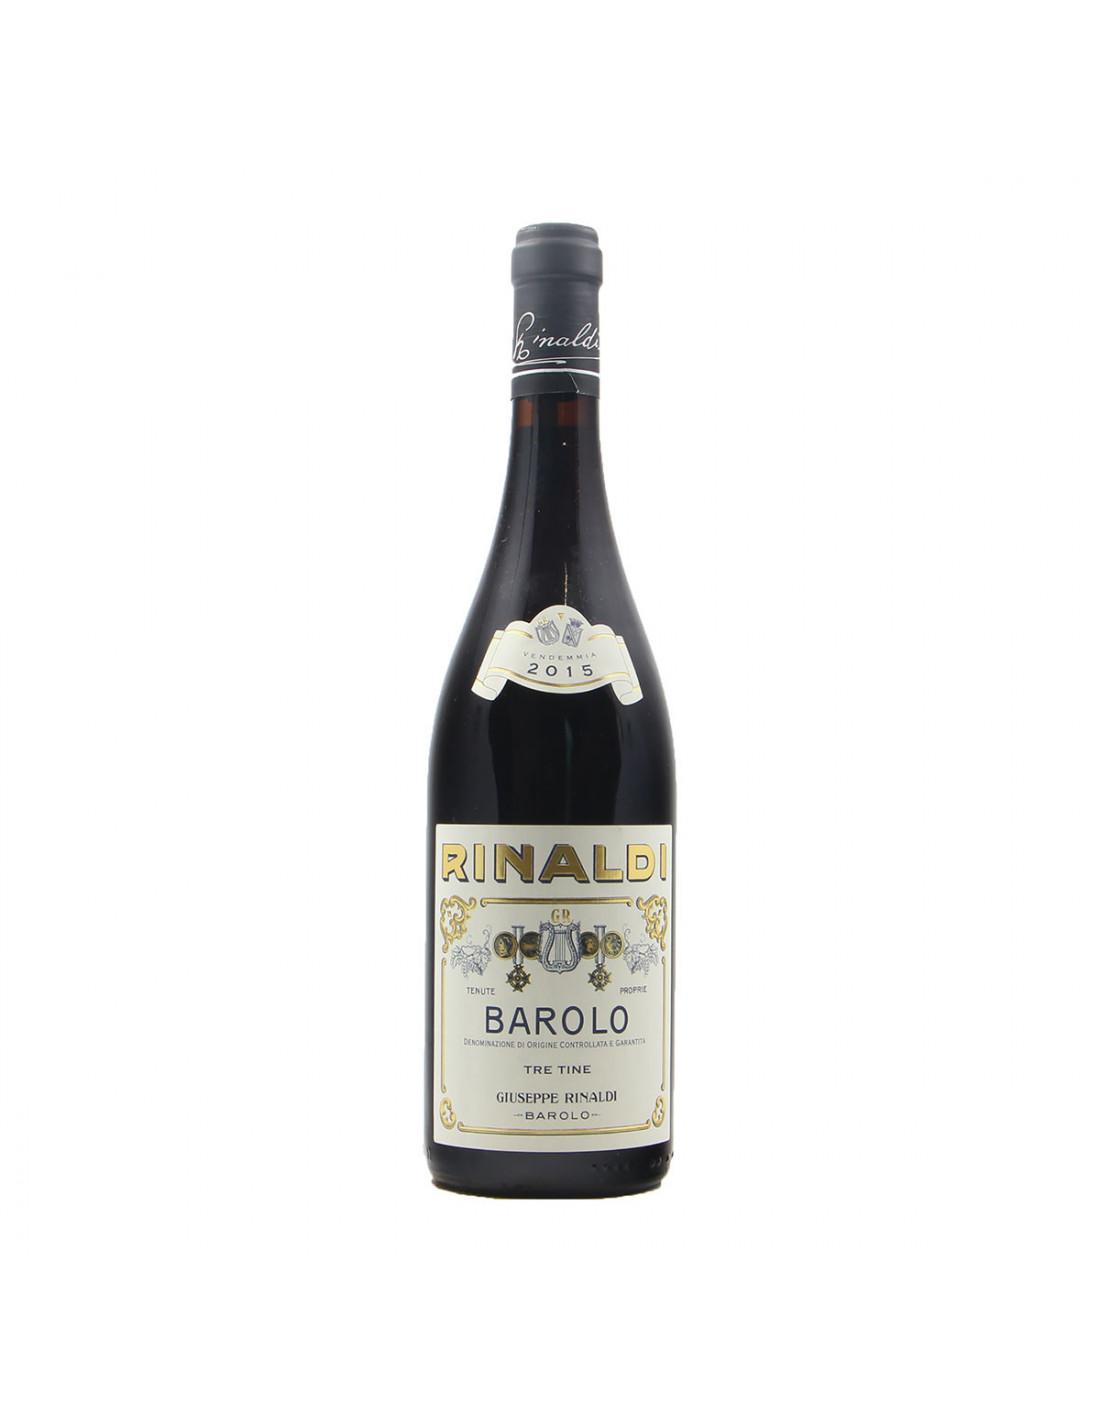 Barolo Tre Tine 2015 Giuseppe Rinaldi Grandi Bottiglie